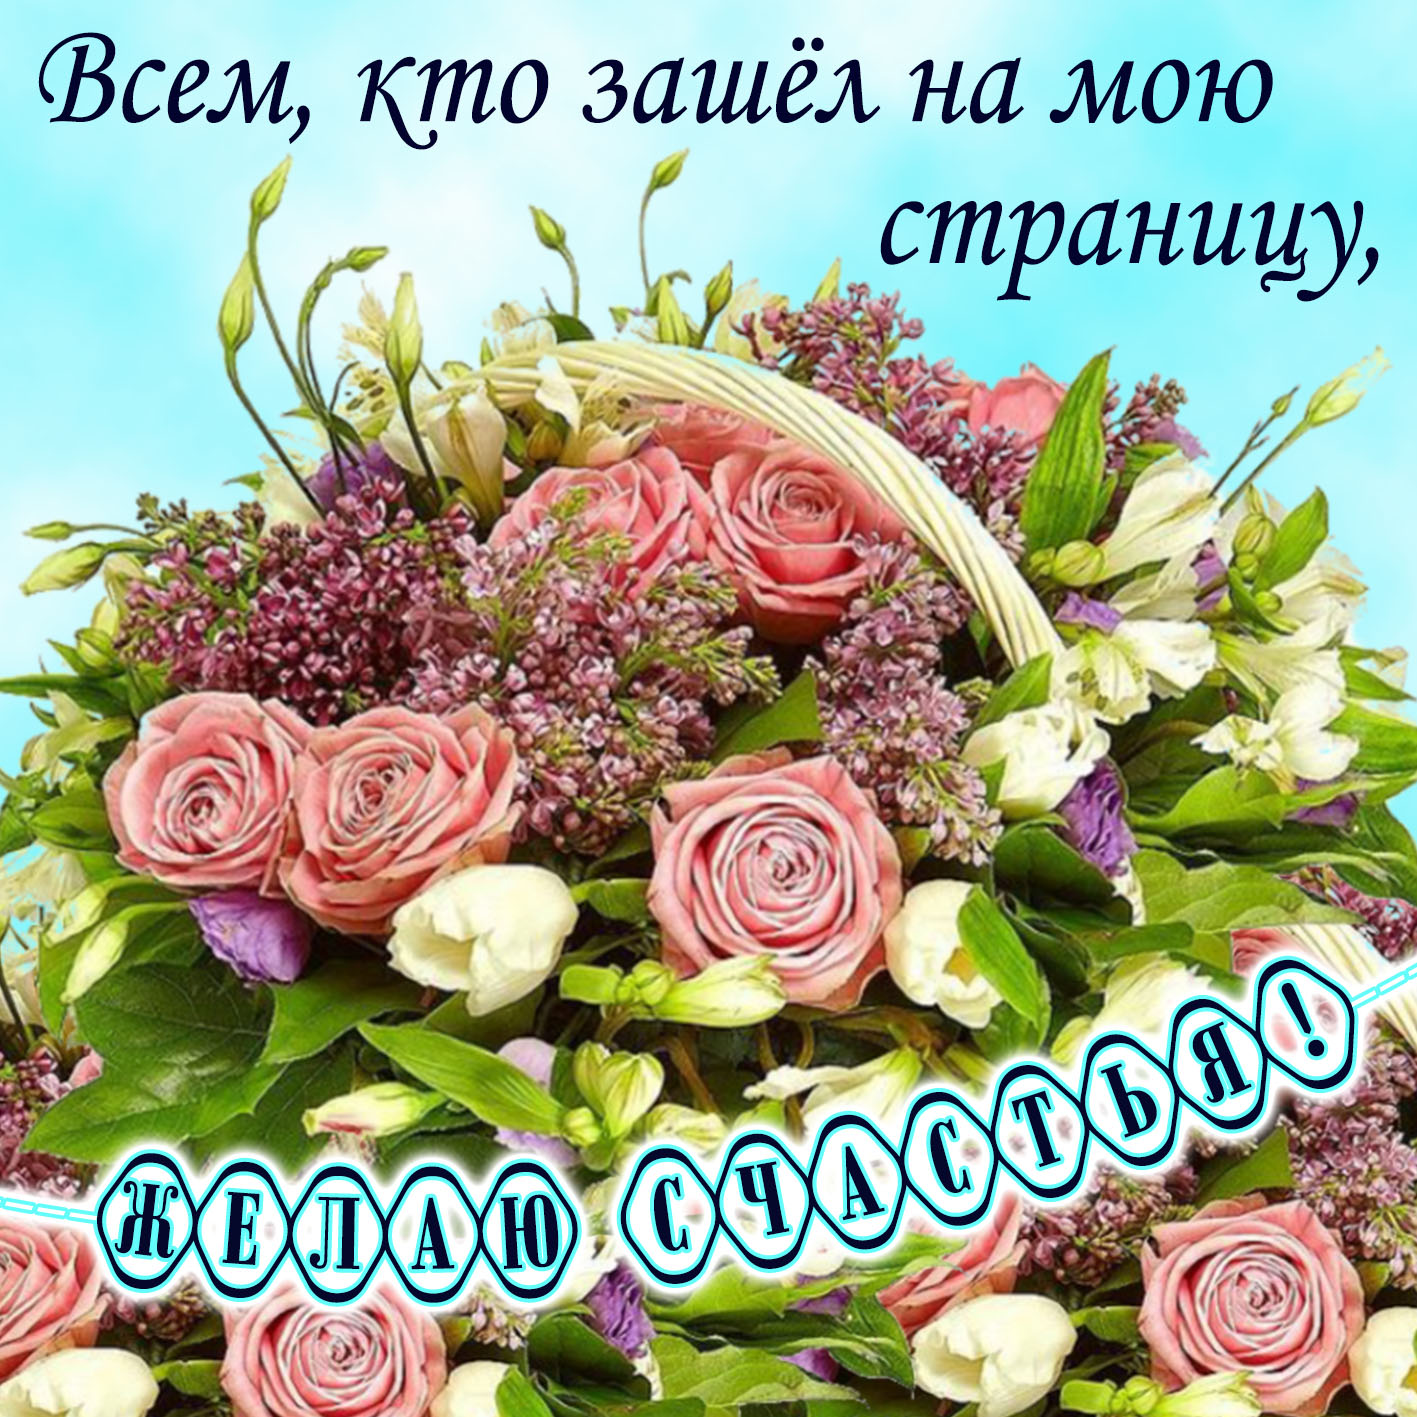 Картинка с букетом цветов и пожеланием счастья